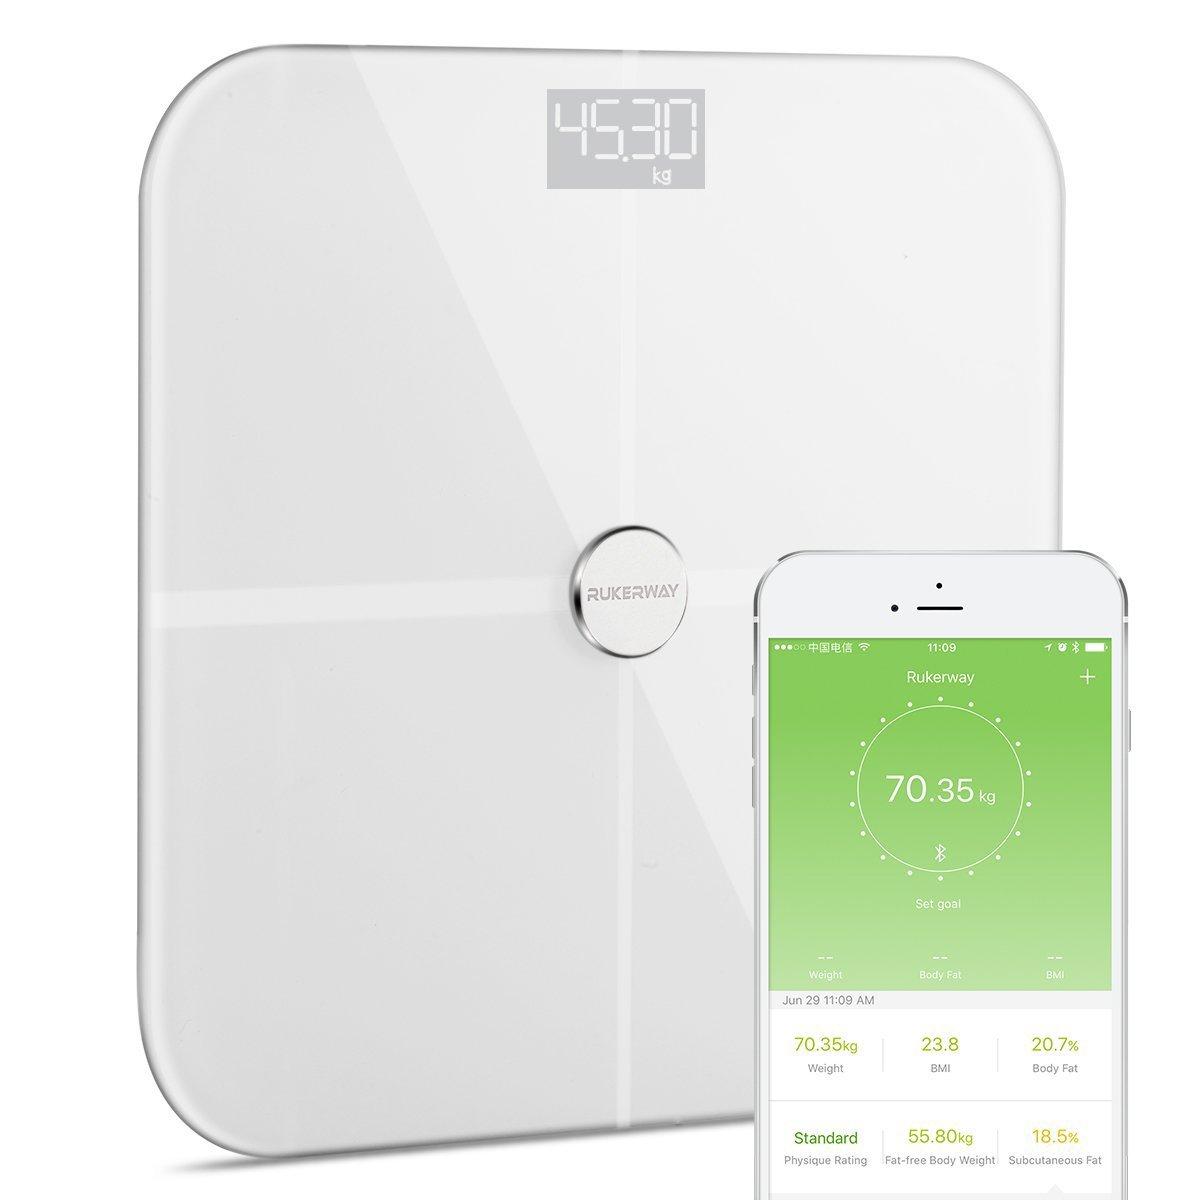 Rukerway Báscula Digital con IOS y Andriod App Monitoriza 14 Datos de salud:Peso,IMC,Grasa Corporal,Proteína, Masa Muscular Etc. (Blanca): Amazon.es: Salud ...